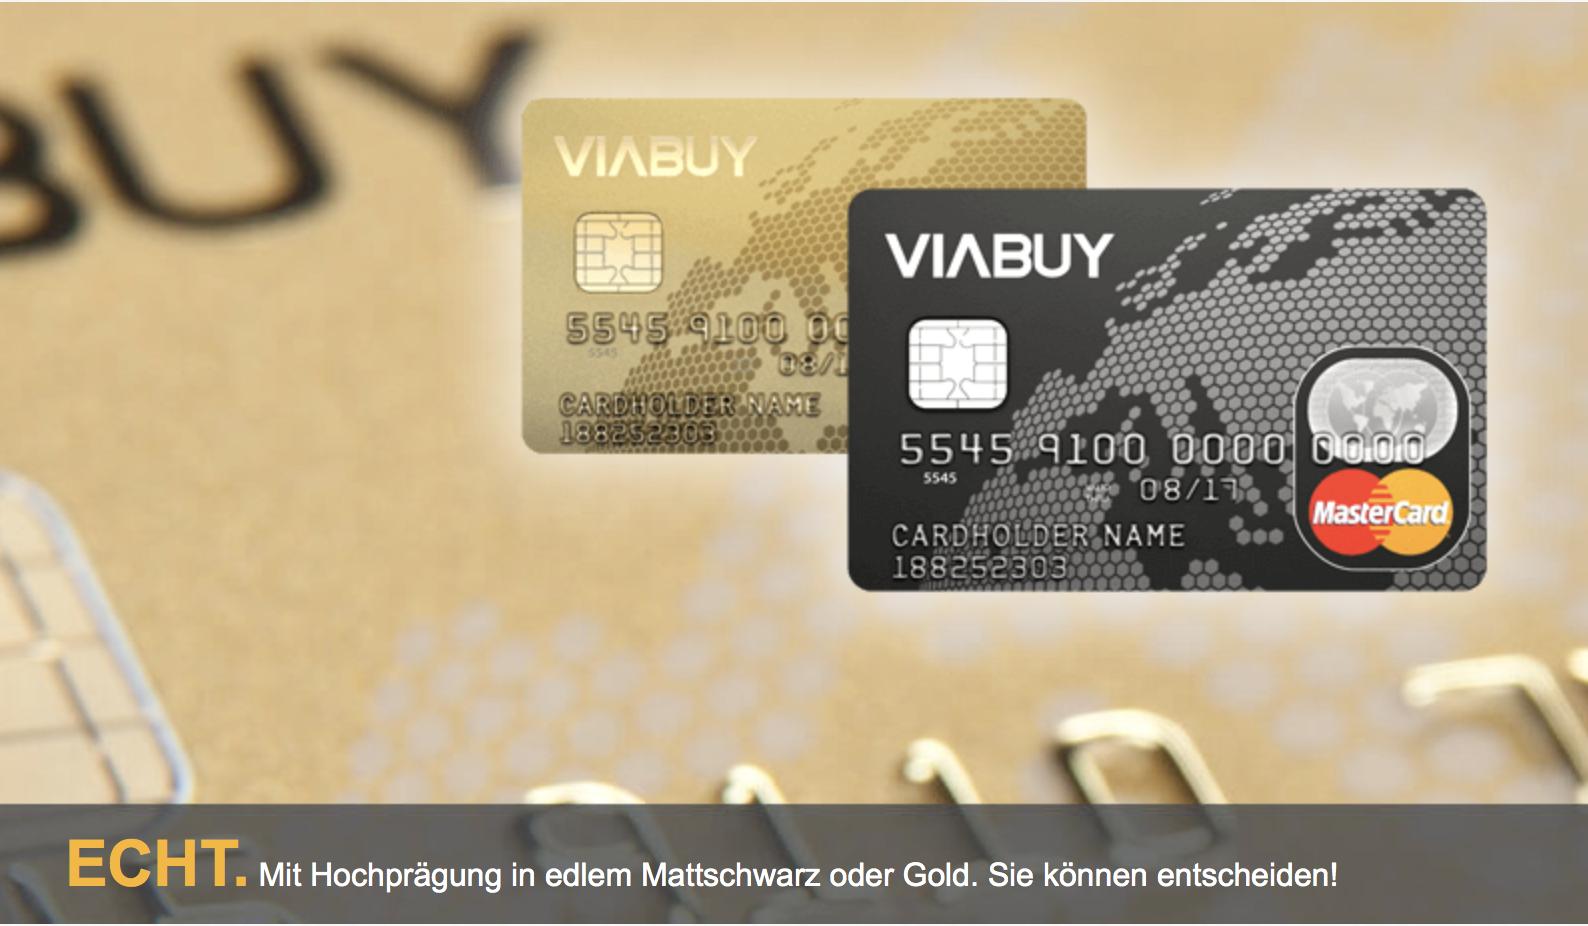 VIABUY bietet Ihnen die Mastercard mit Hochprägung an